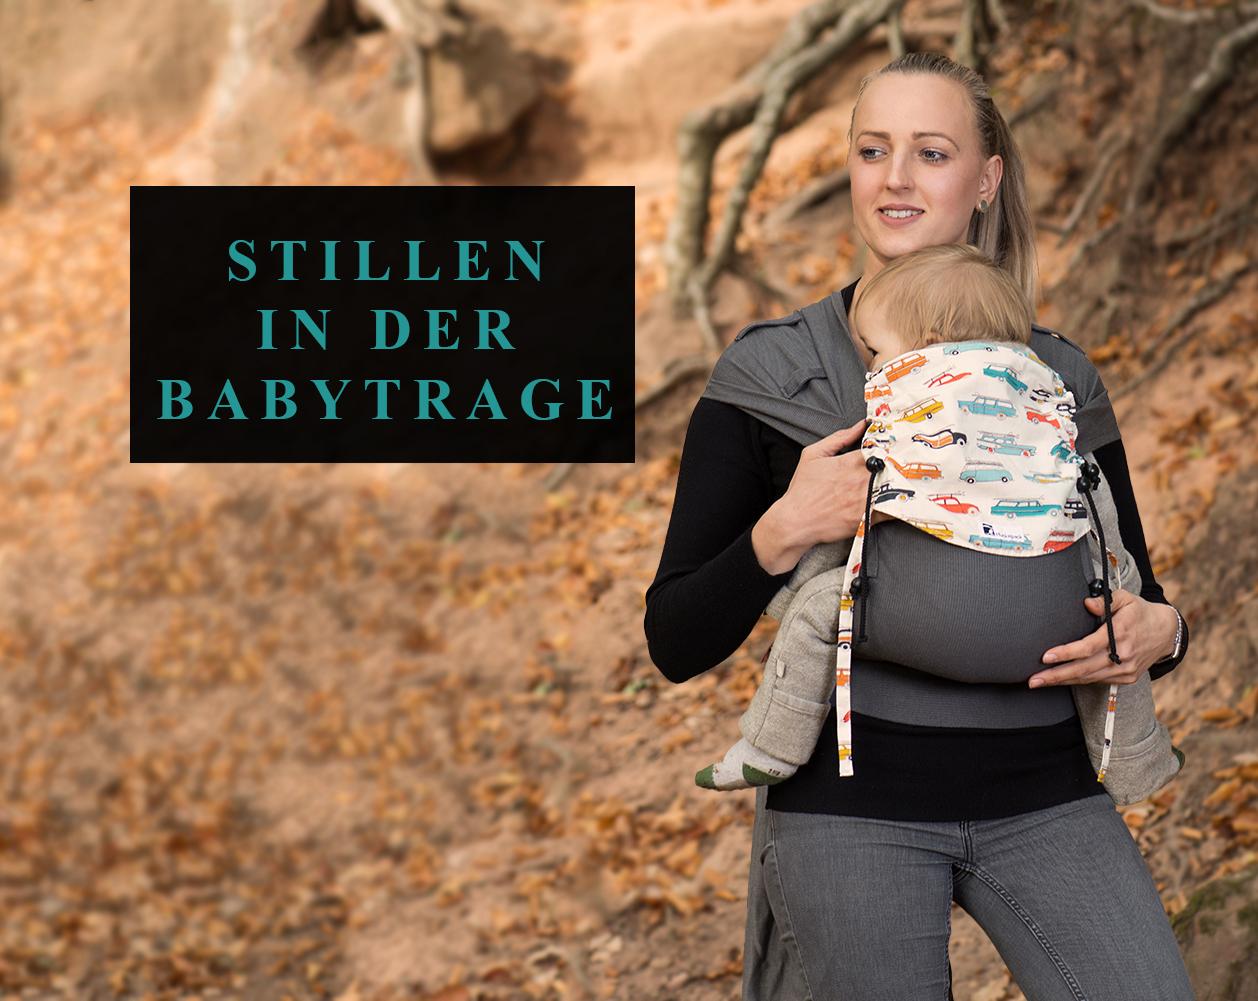 Stillen in der Babytrage